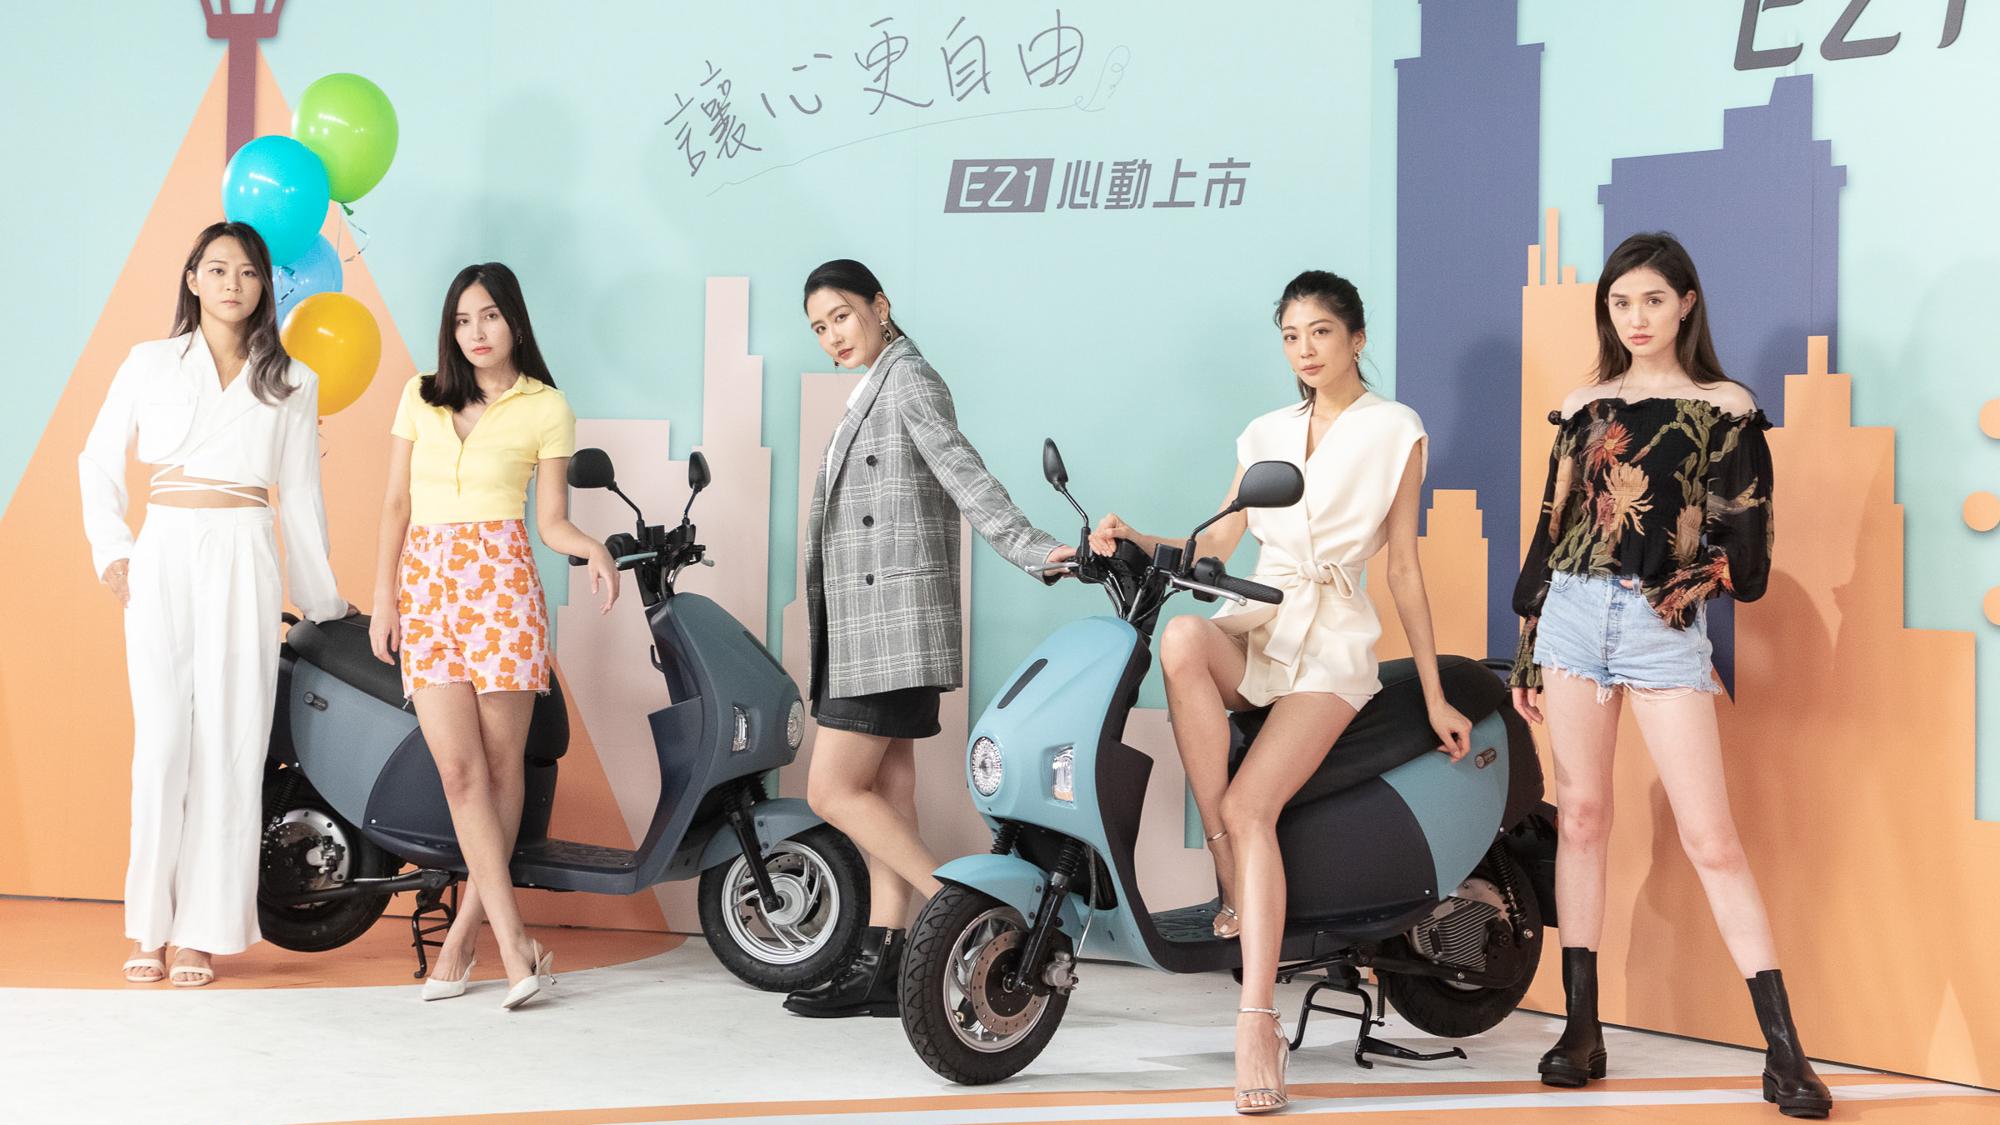 瞄準女性機車族!中華 eMOVING 首款換電輕型機車 EZ1 正式上市!